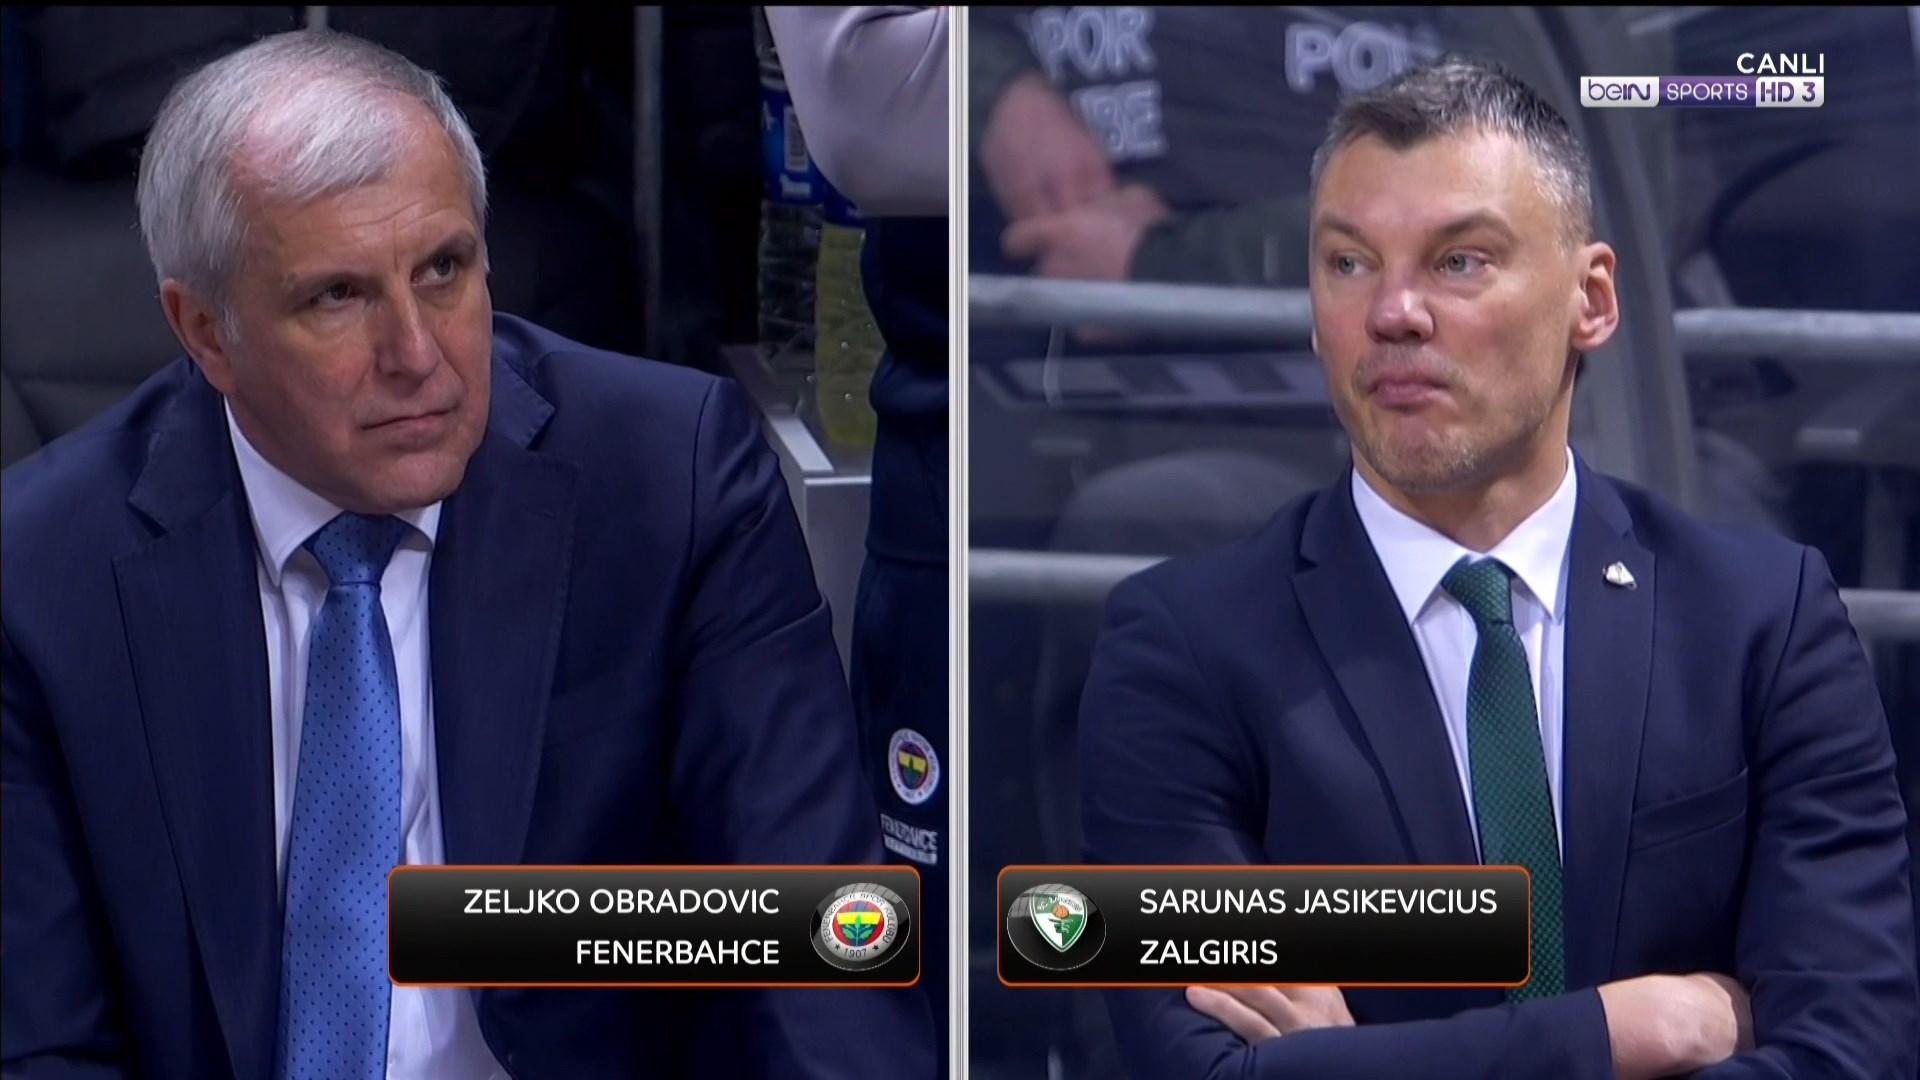 Αποτέλεσμα εικόνας για obradovic vs zalgiris 2019